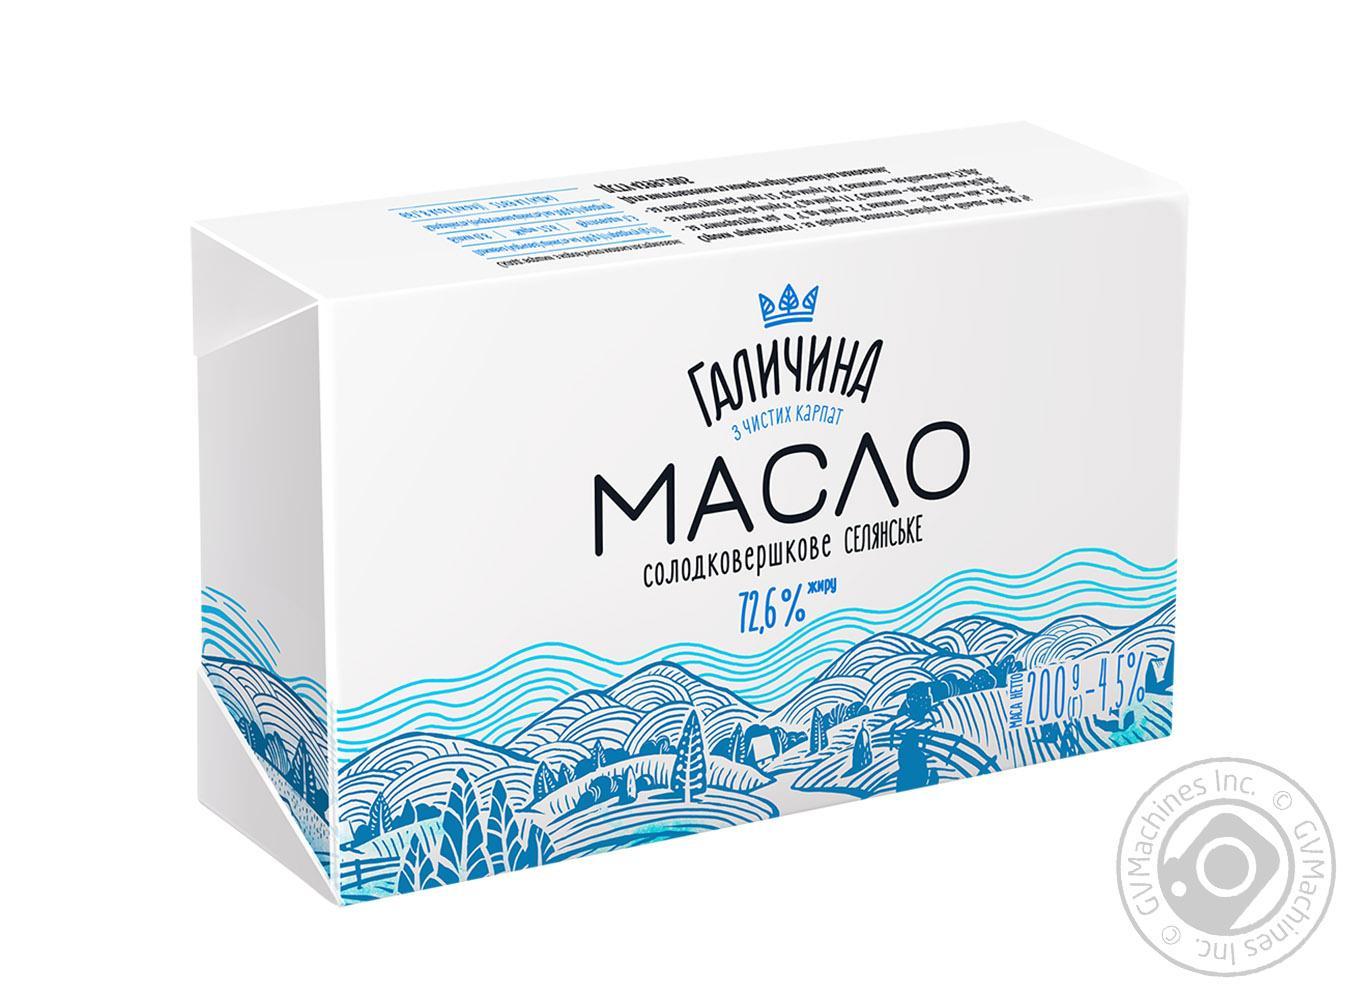 Купить Масло Галичина селянское сладкосливочное 72.6% 200г